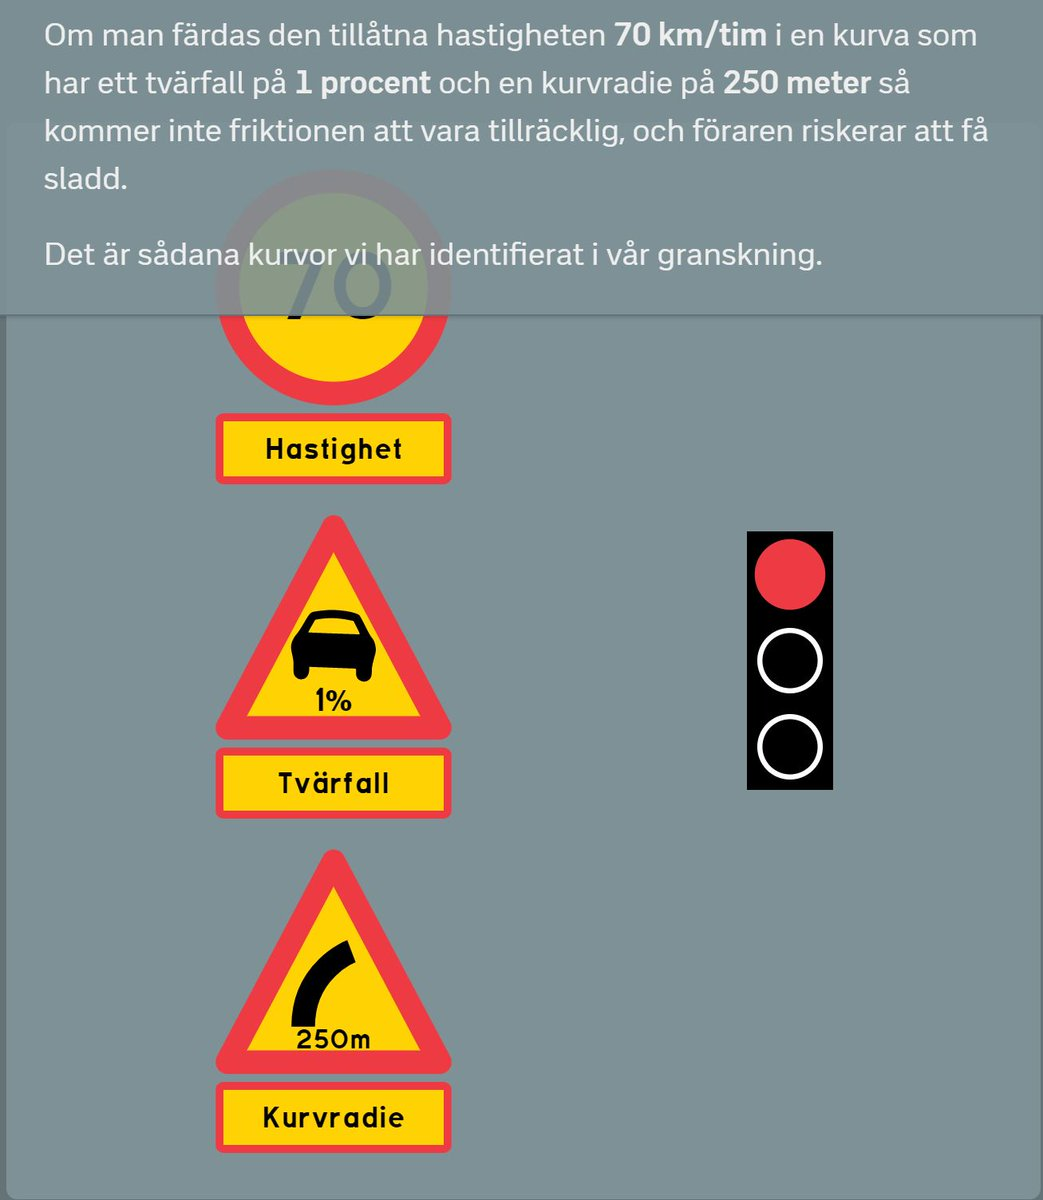 NordicGeoCenter photo